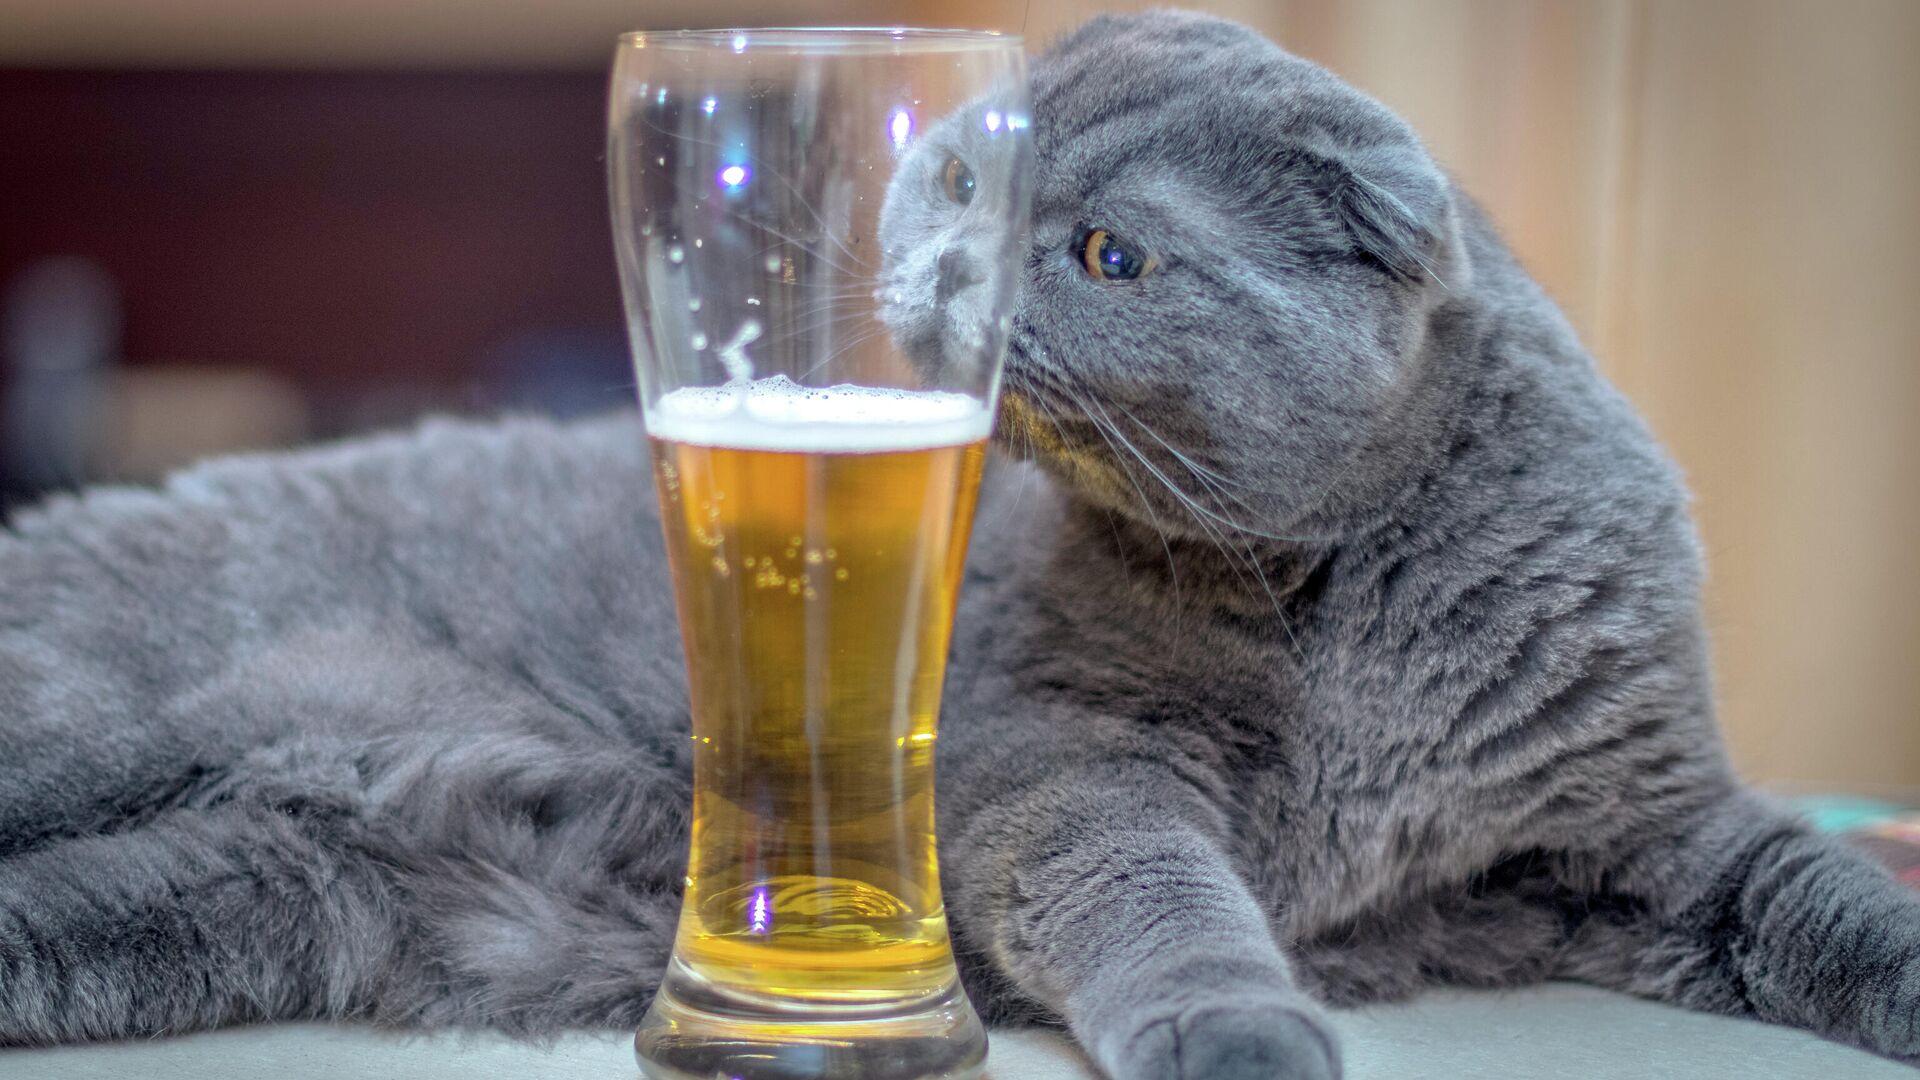 Кошка и стакан с пивом - РИА Новости, 1920, 12.09.2021